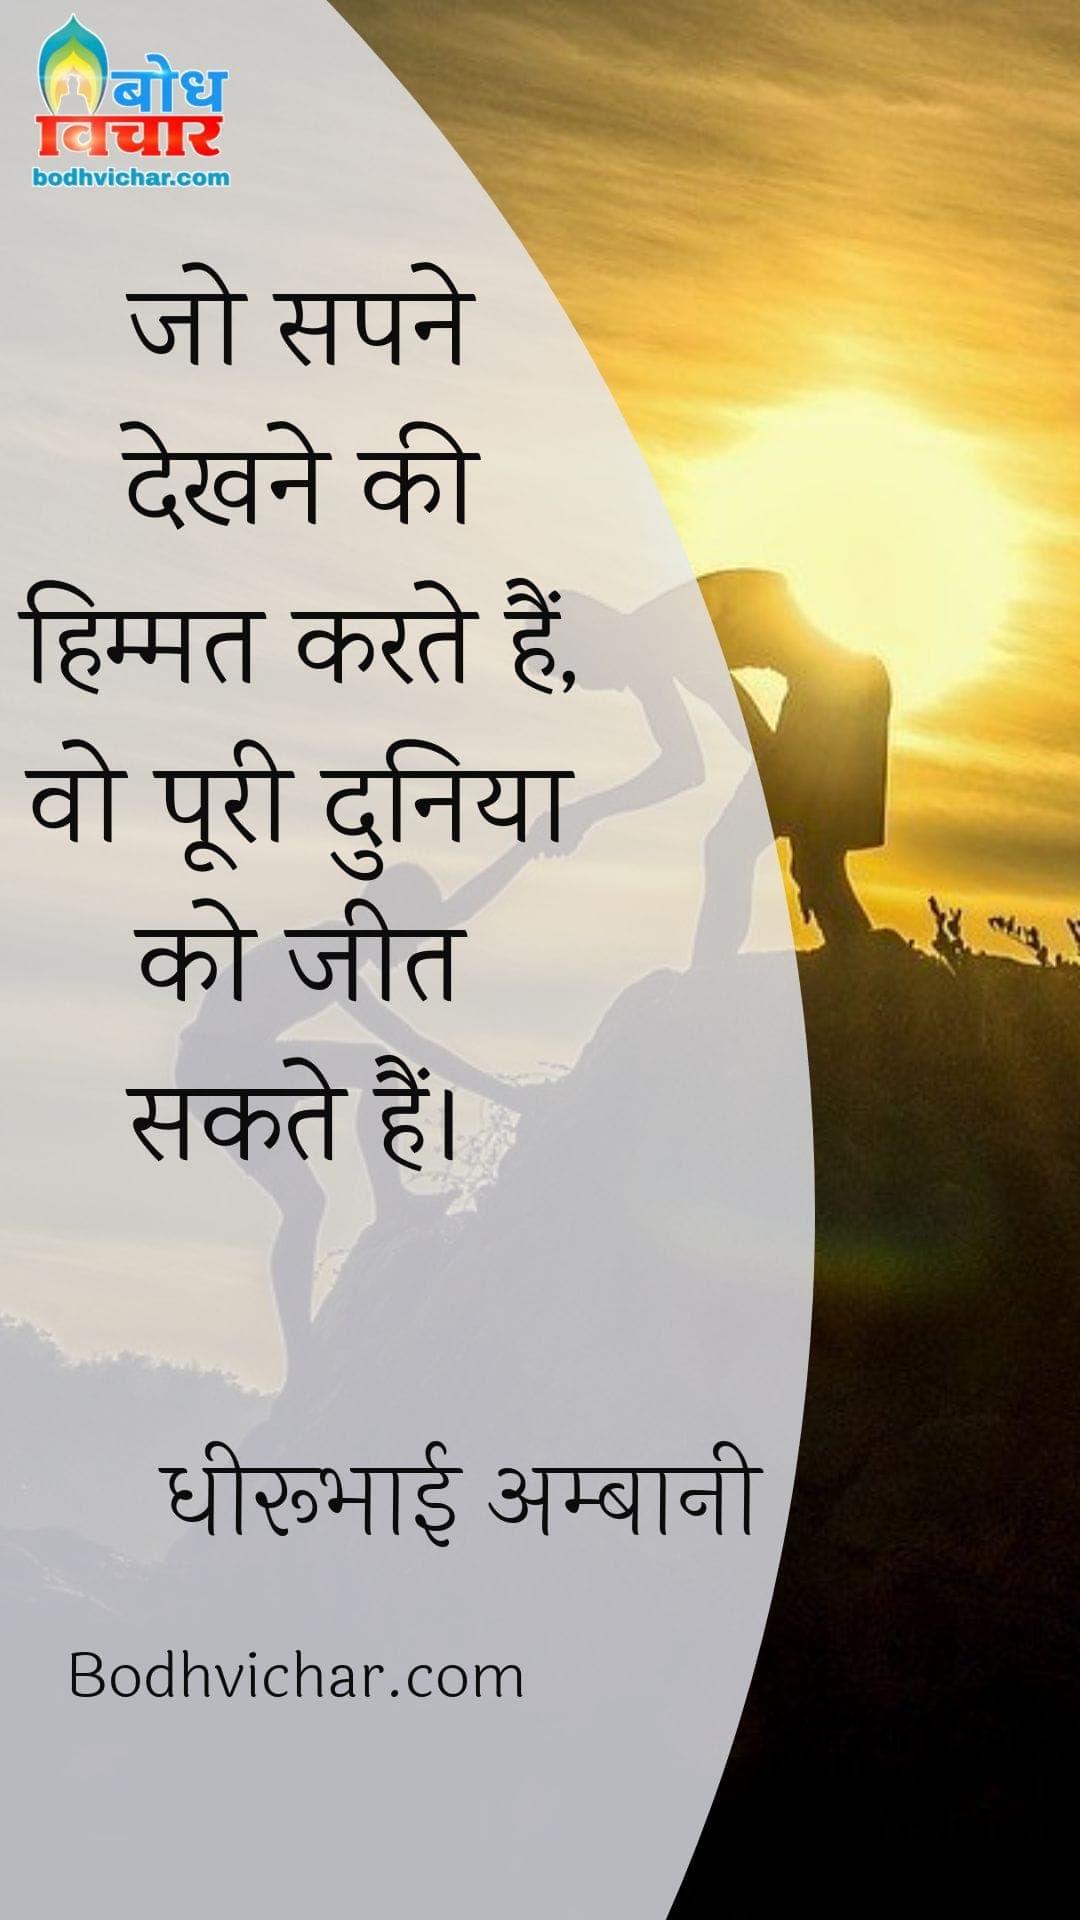 जो सपने देखने की हिम्मत करते हैं, वो पूरी दुनिया को जीत सकते हैं। : Jo sapne dekhne ki himmat karte hain ve duniya jeet sakte hain. - धीरूभाई अम्बानी